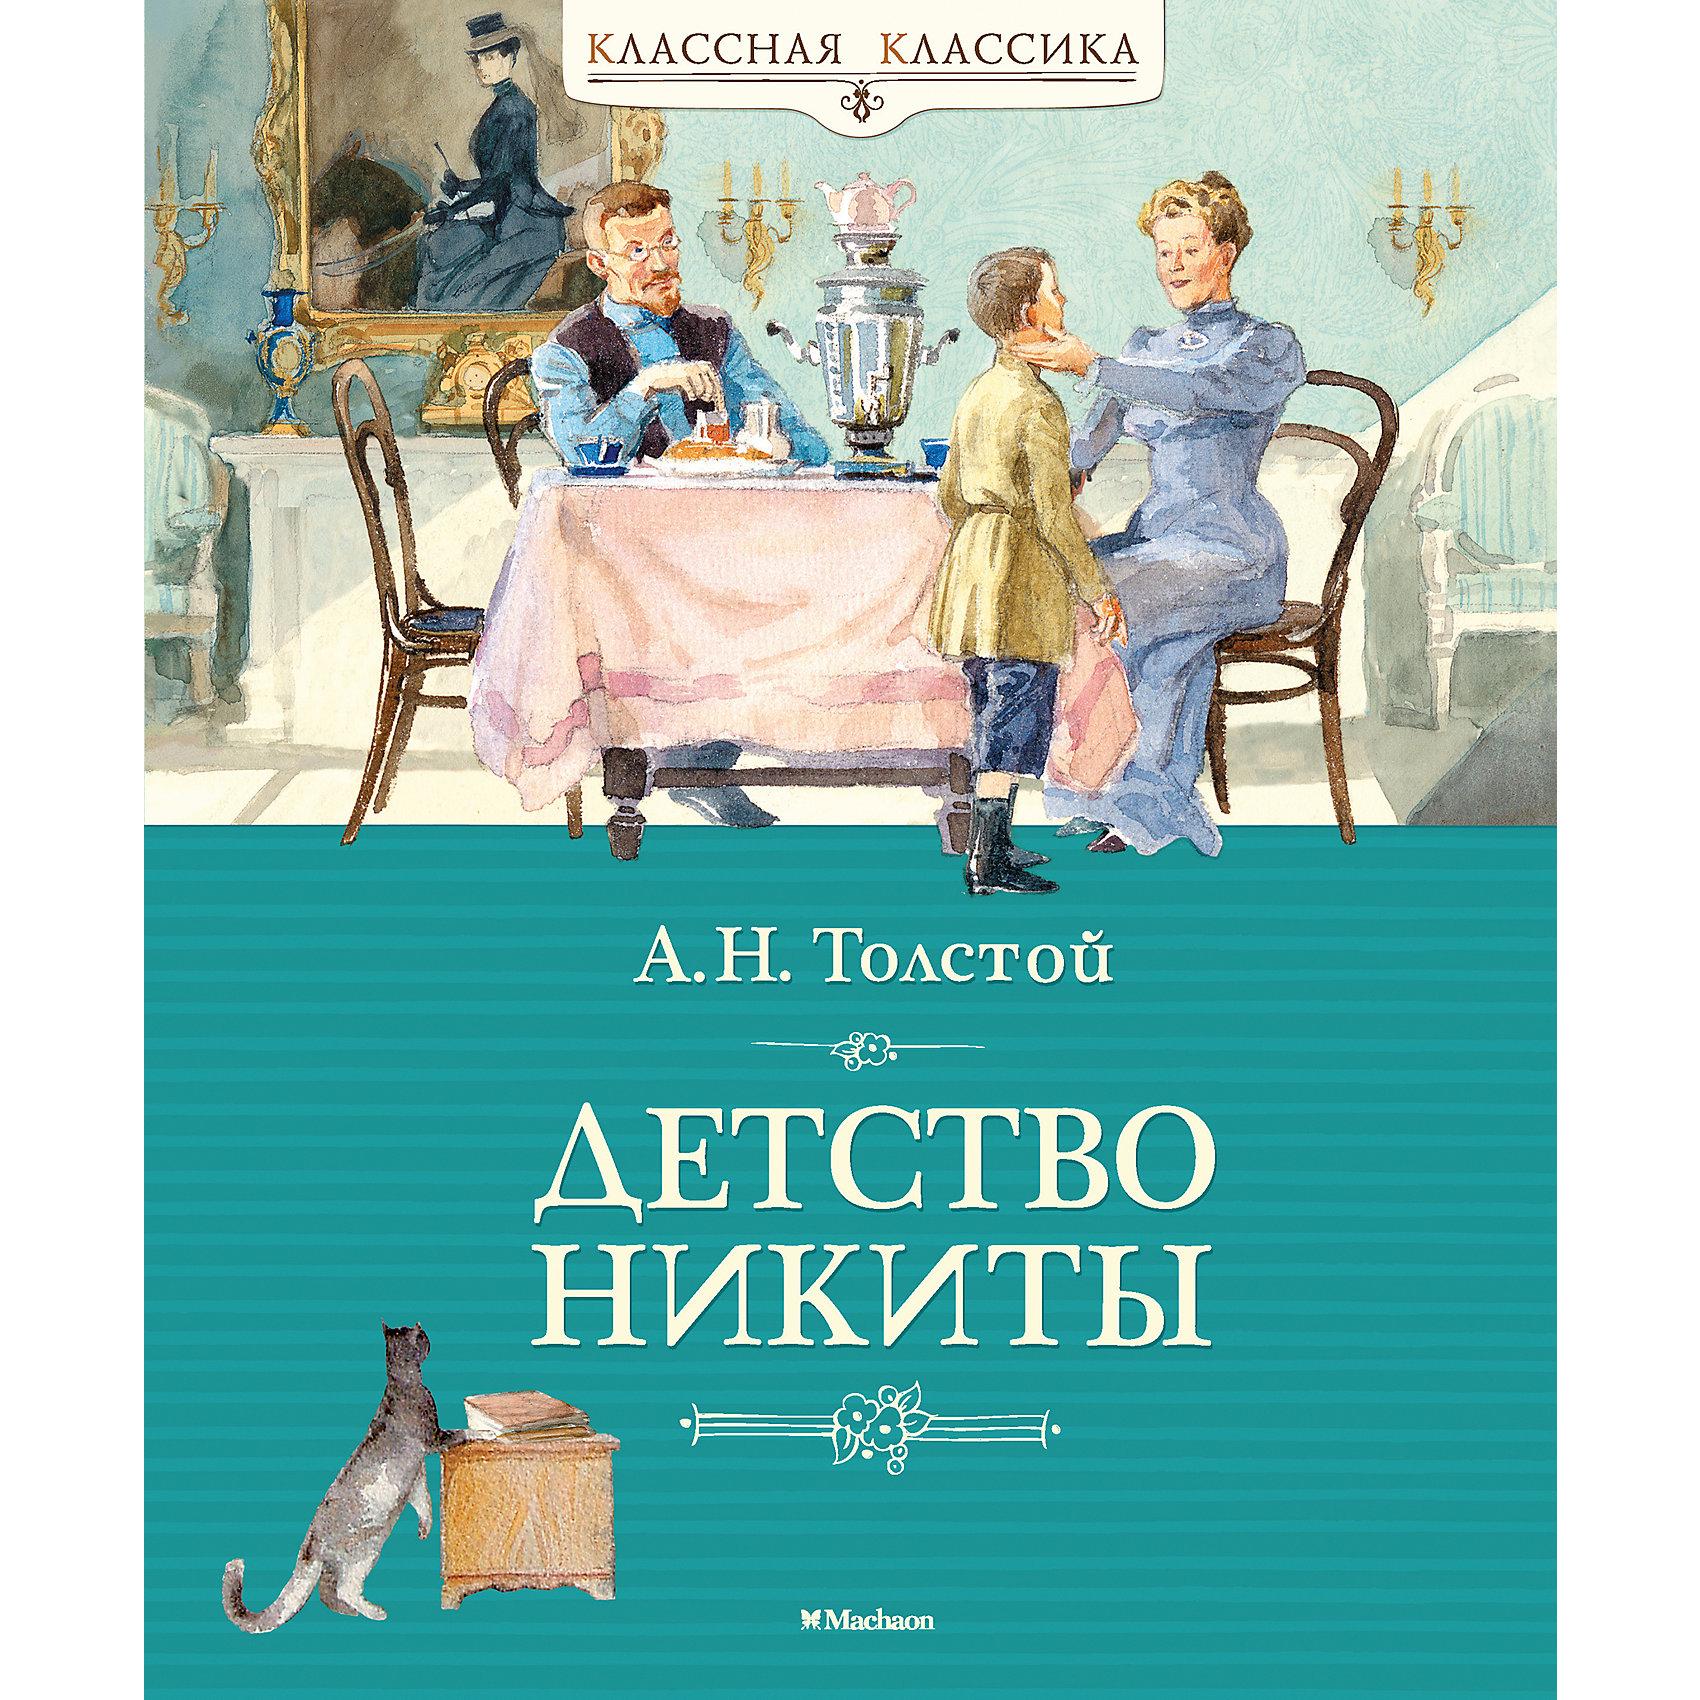 Махаон Детство Никиты, А.Н. Толстой алексей николаевич толстой детство никиты